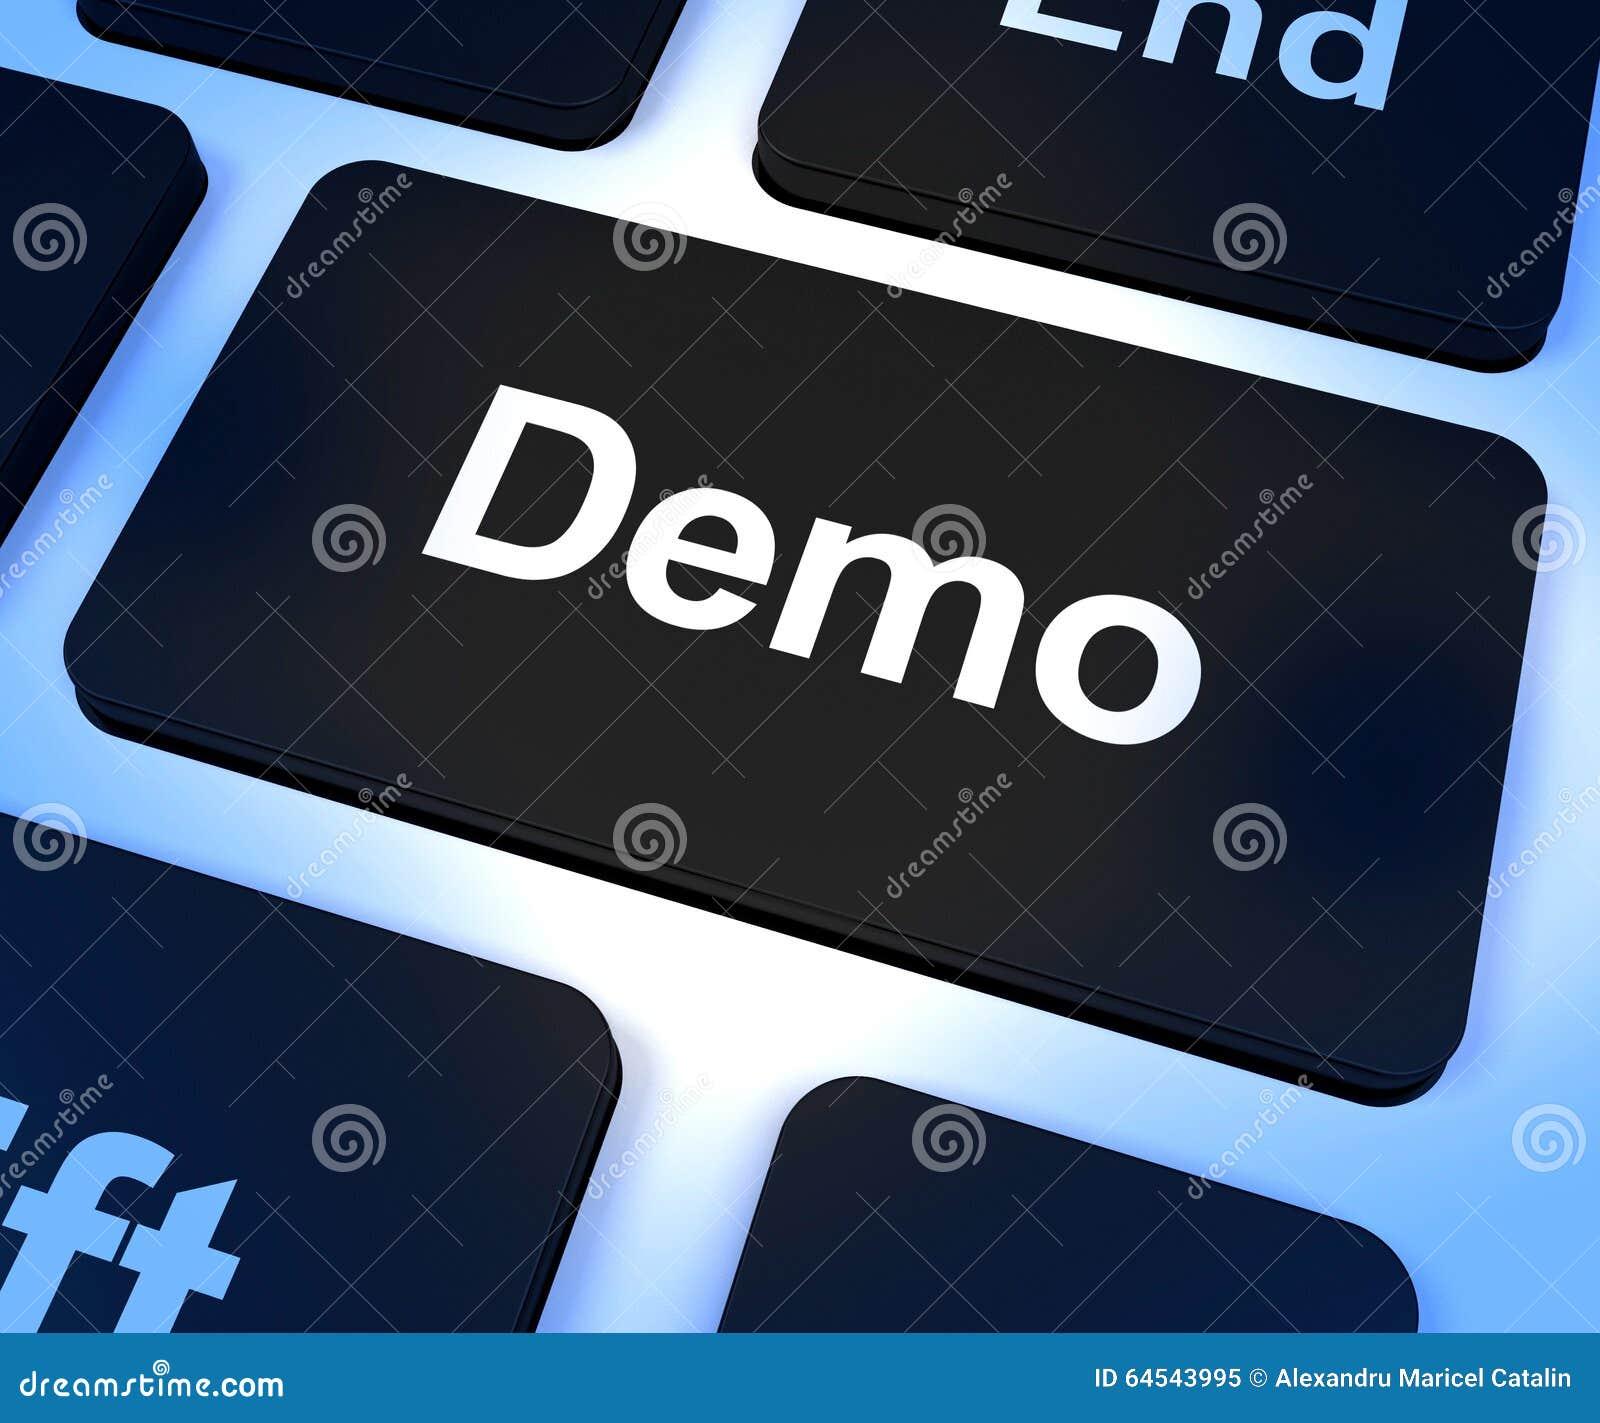 Demo Computer Key To Download una versión del software